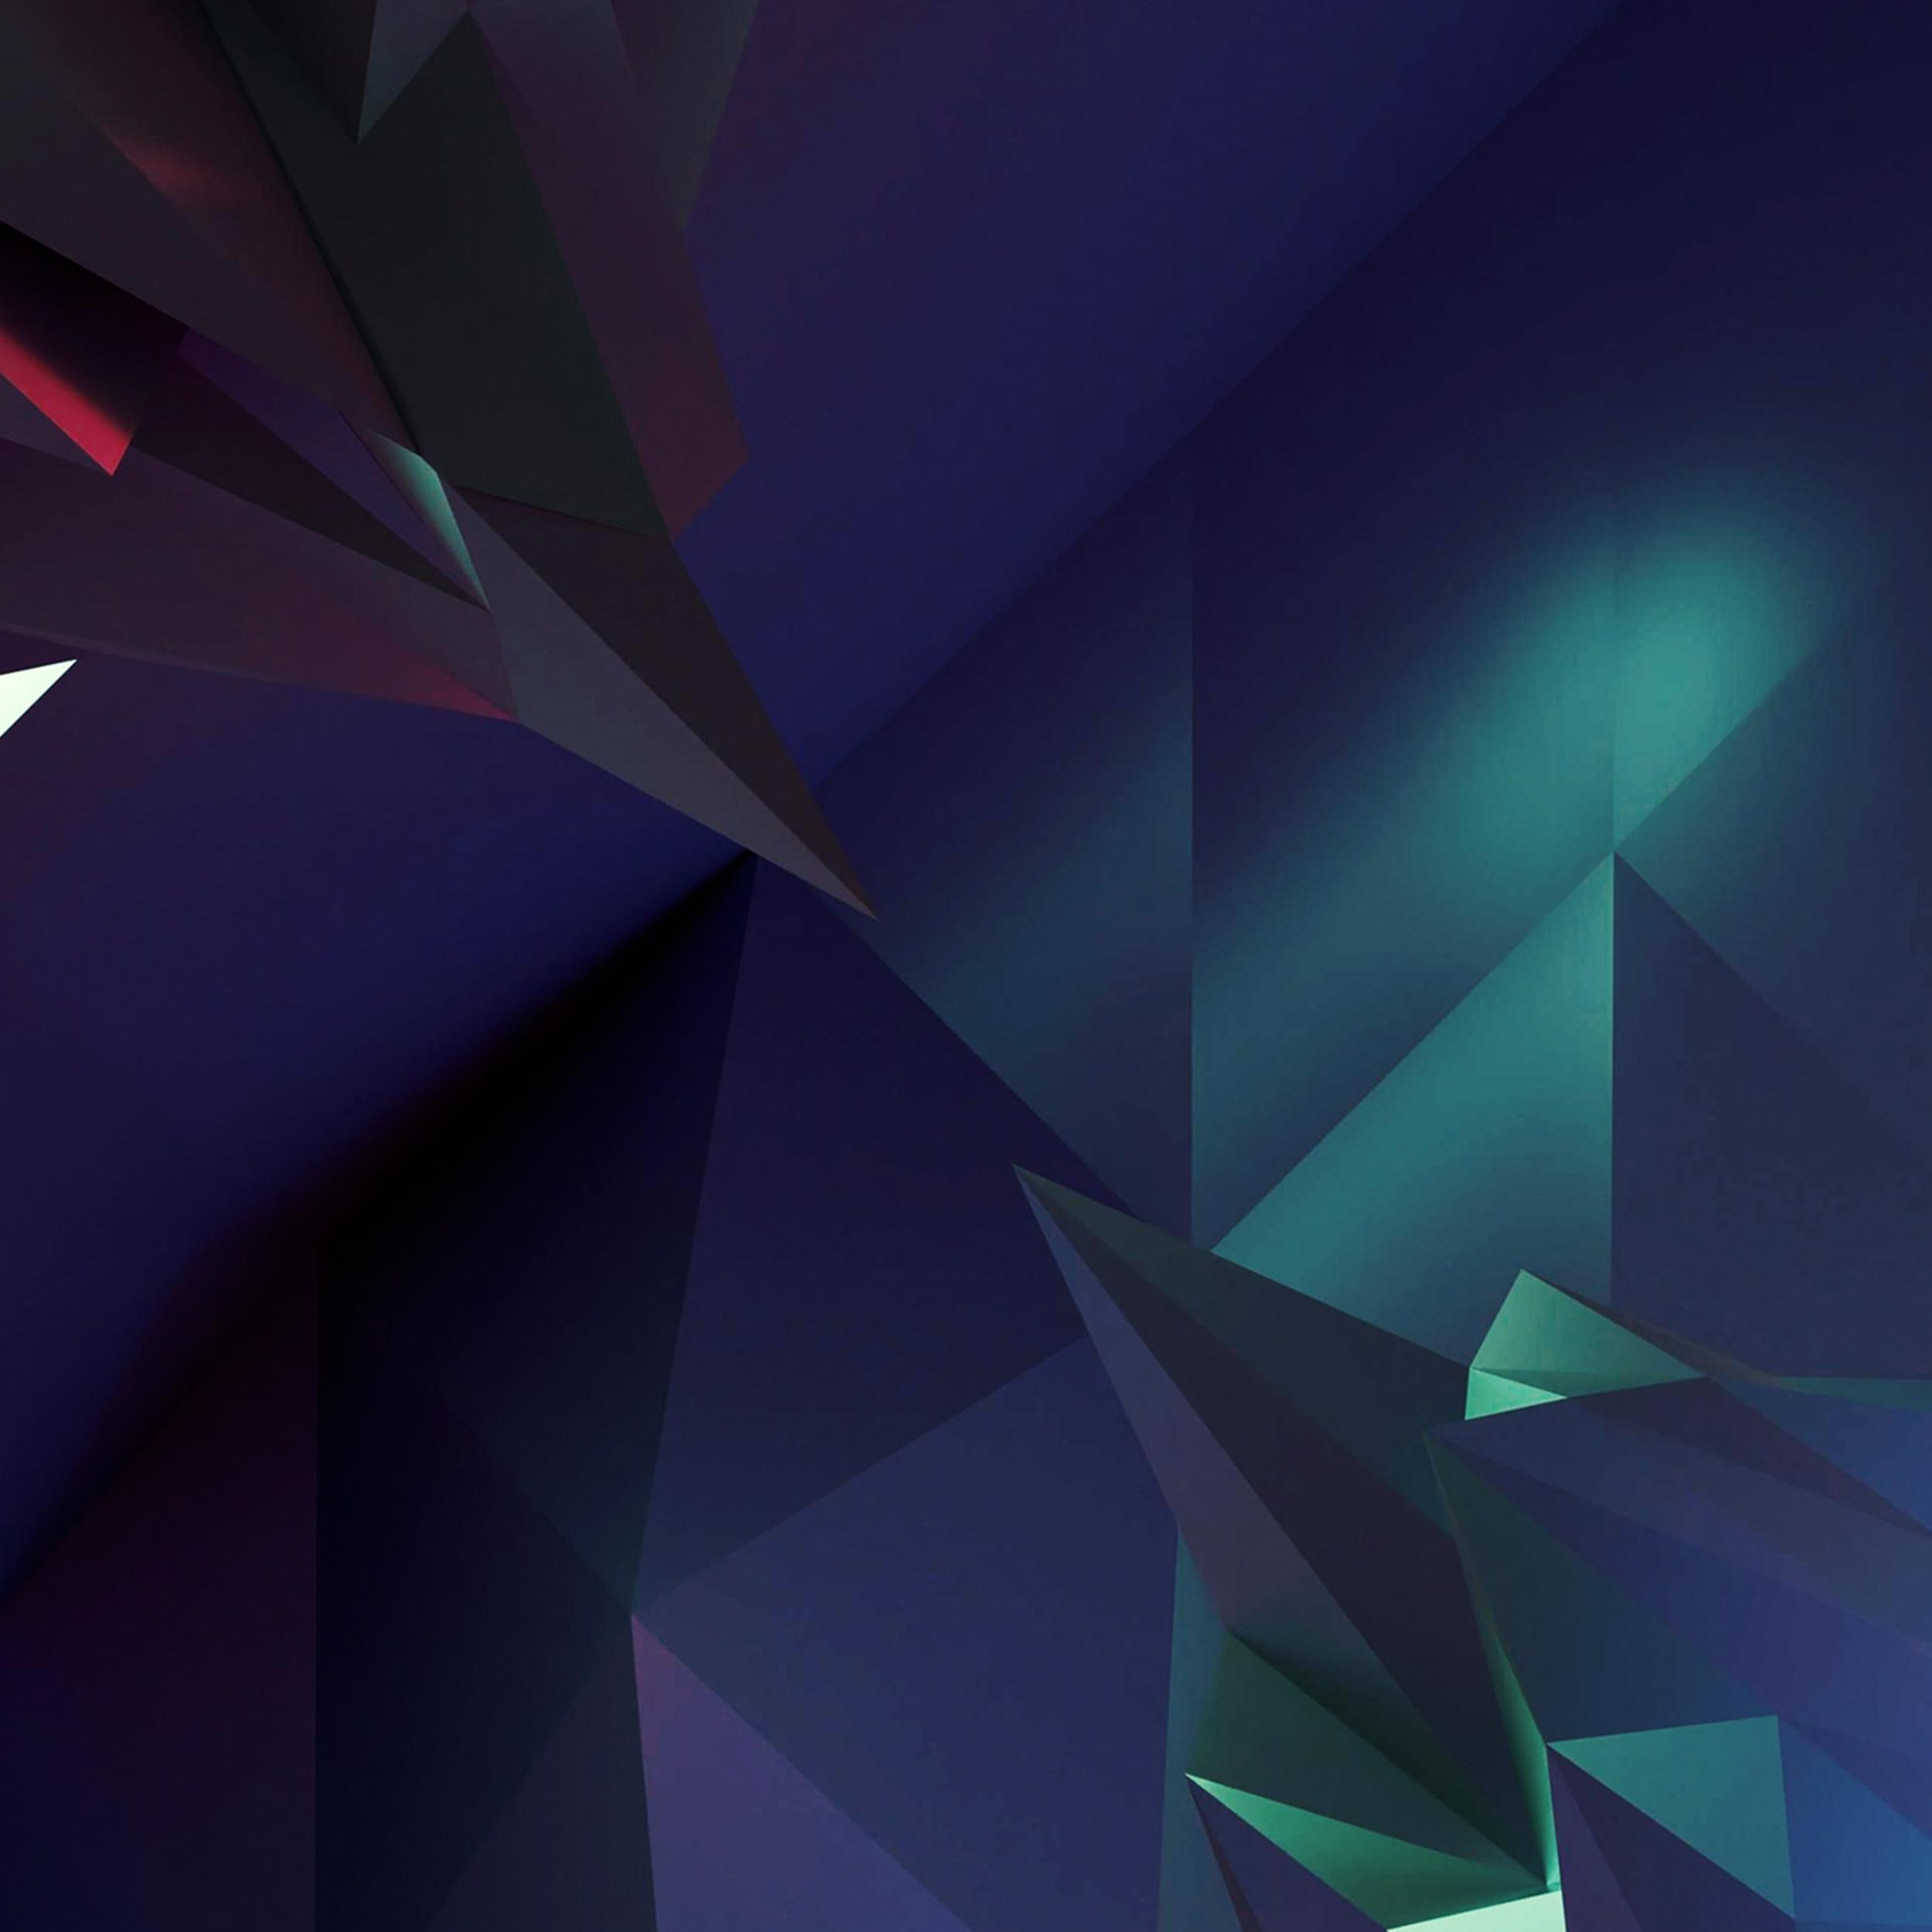 Indexbild 4 - Leinwand DEKO BILDER Spieler PlayStation Wandbild XXL Wohnzimmer Abstrakt 4Motiv